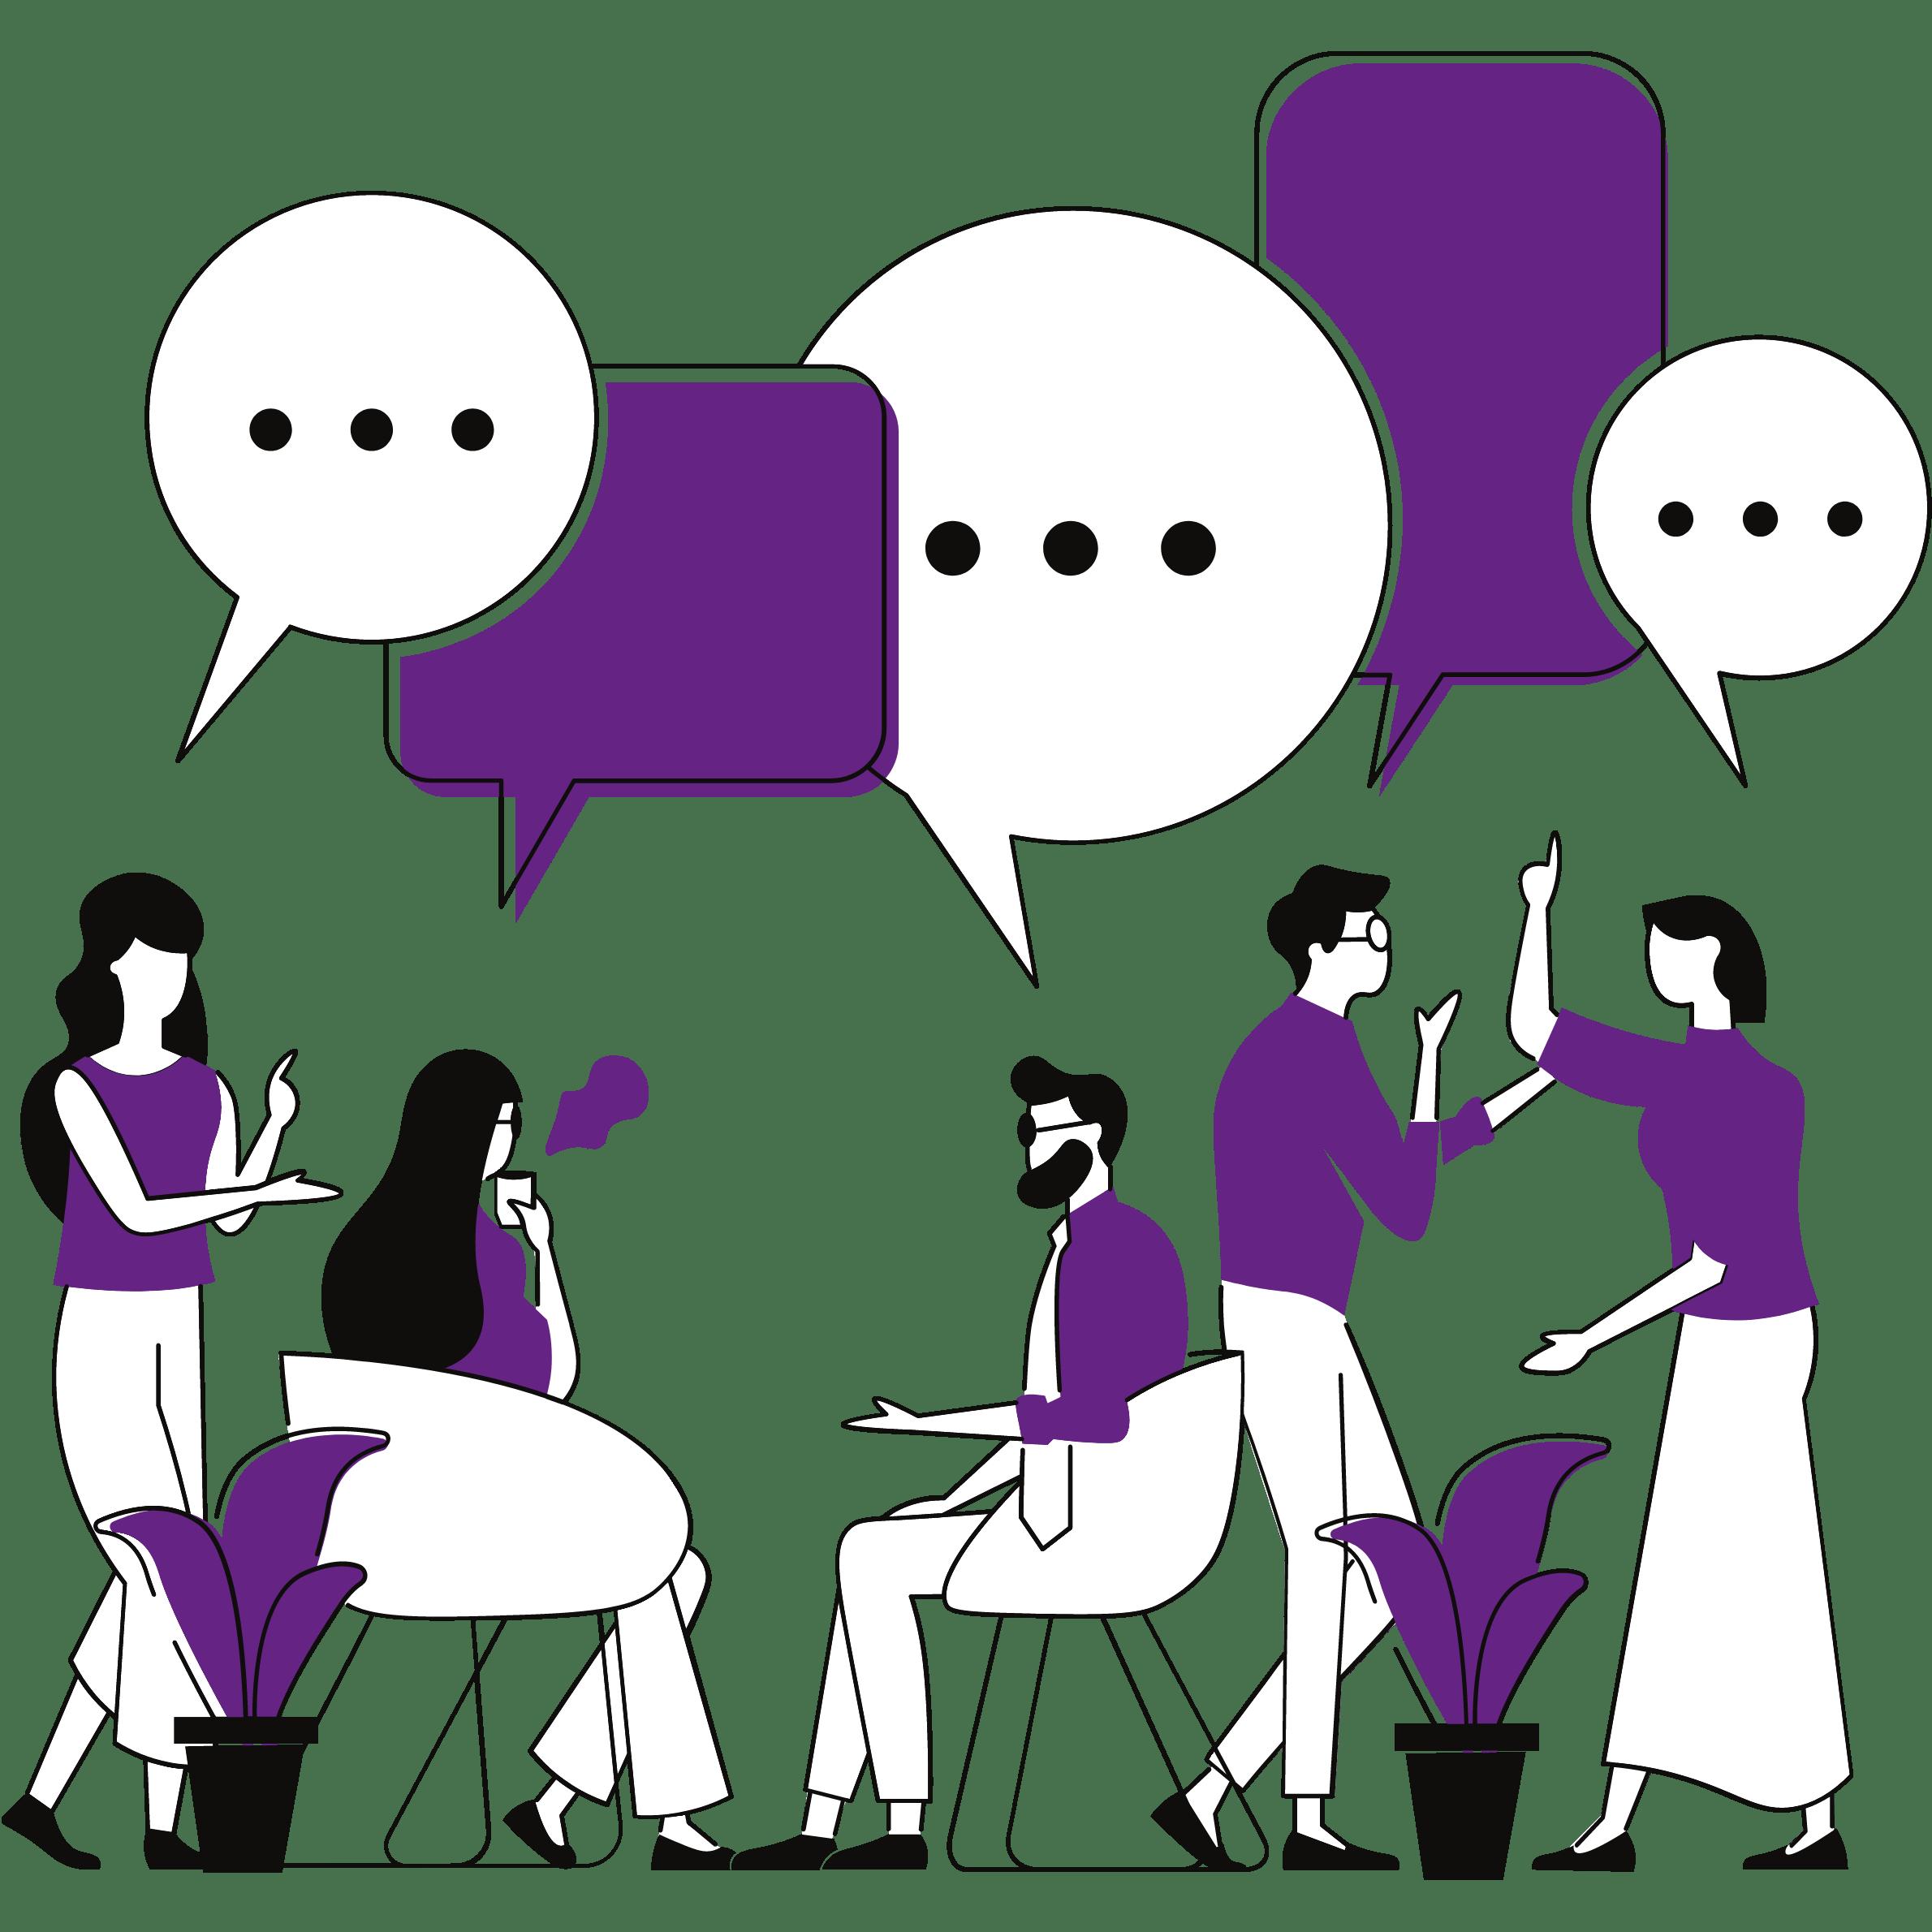 Mehrere Personen unterhalten sich